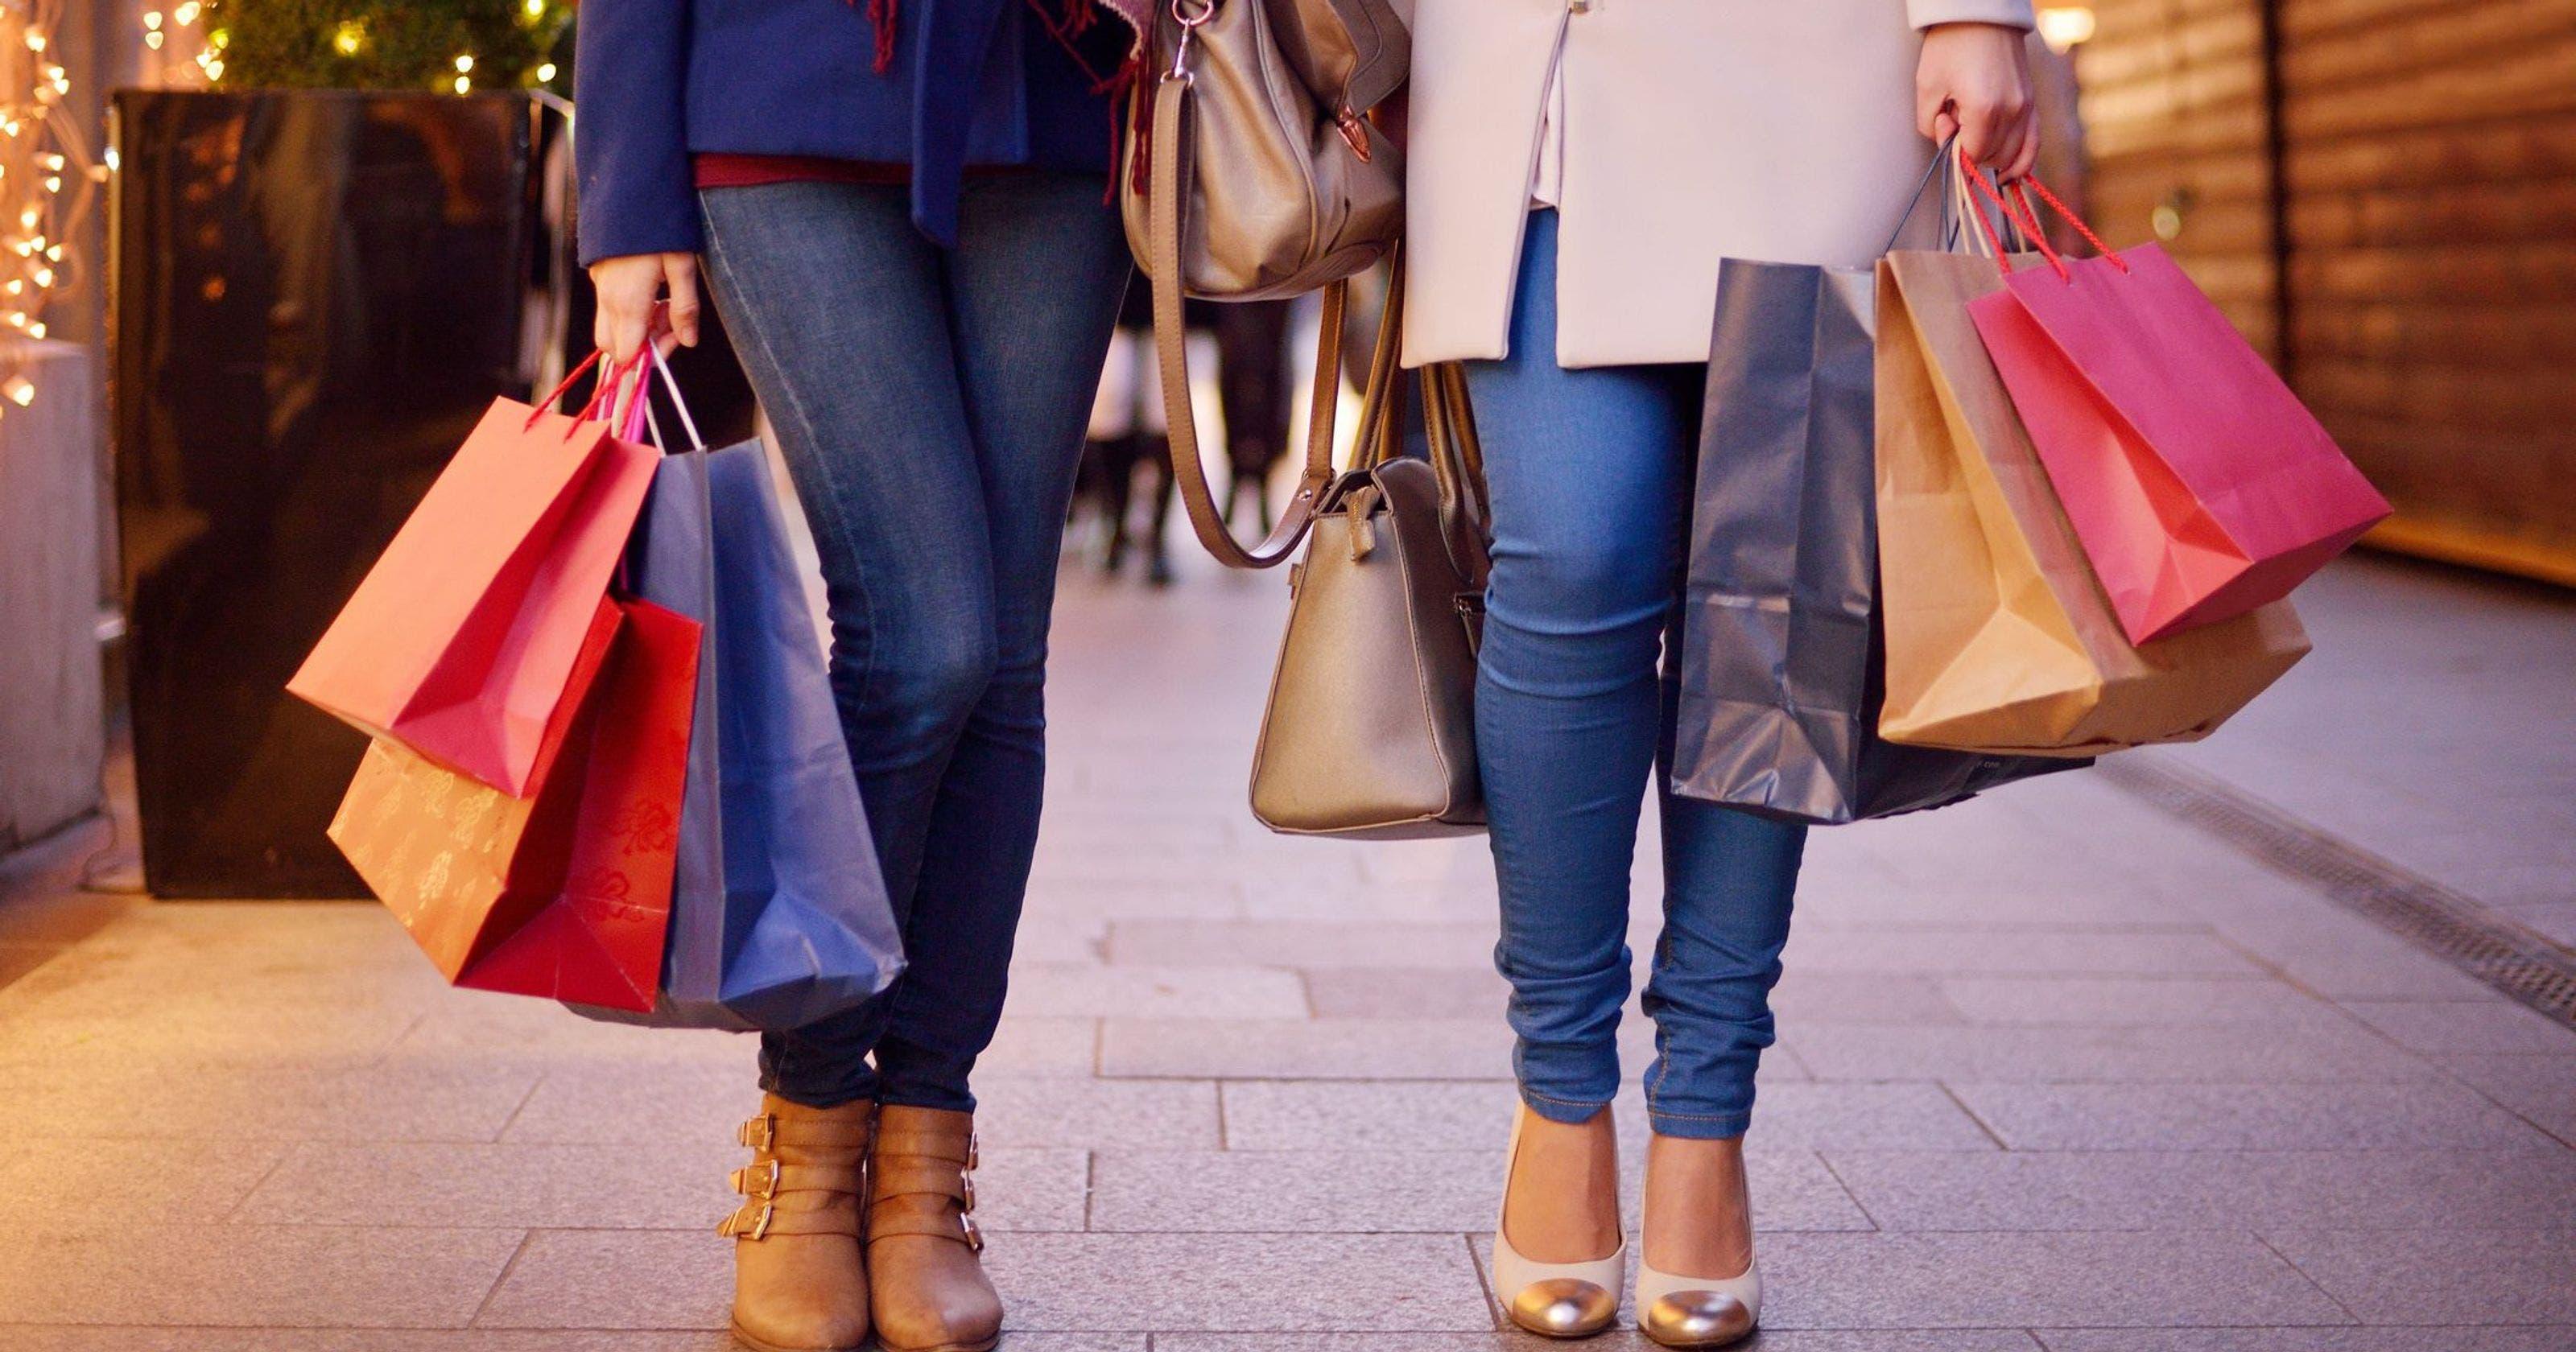 Empresas facilitan obtención de ofertas en el Black Friday